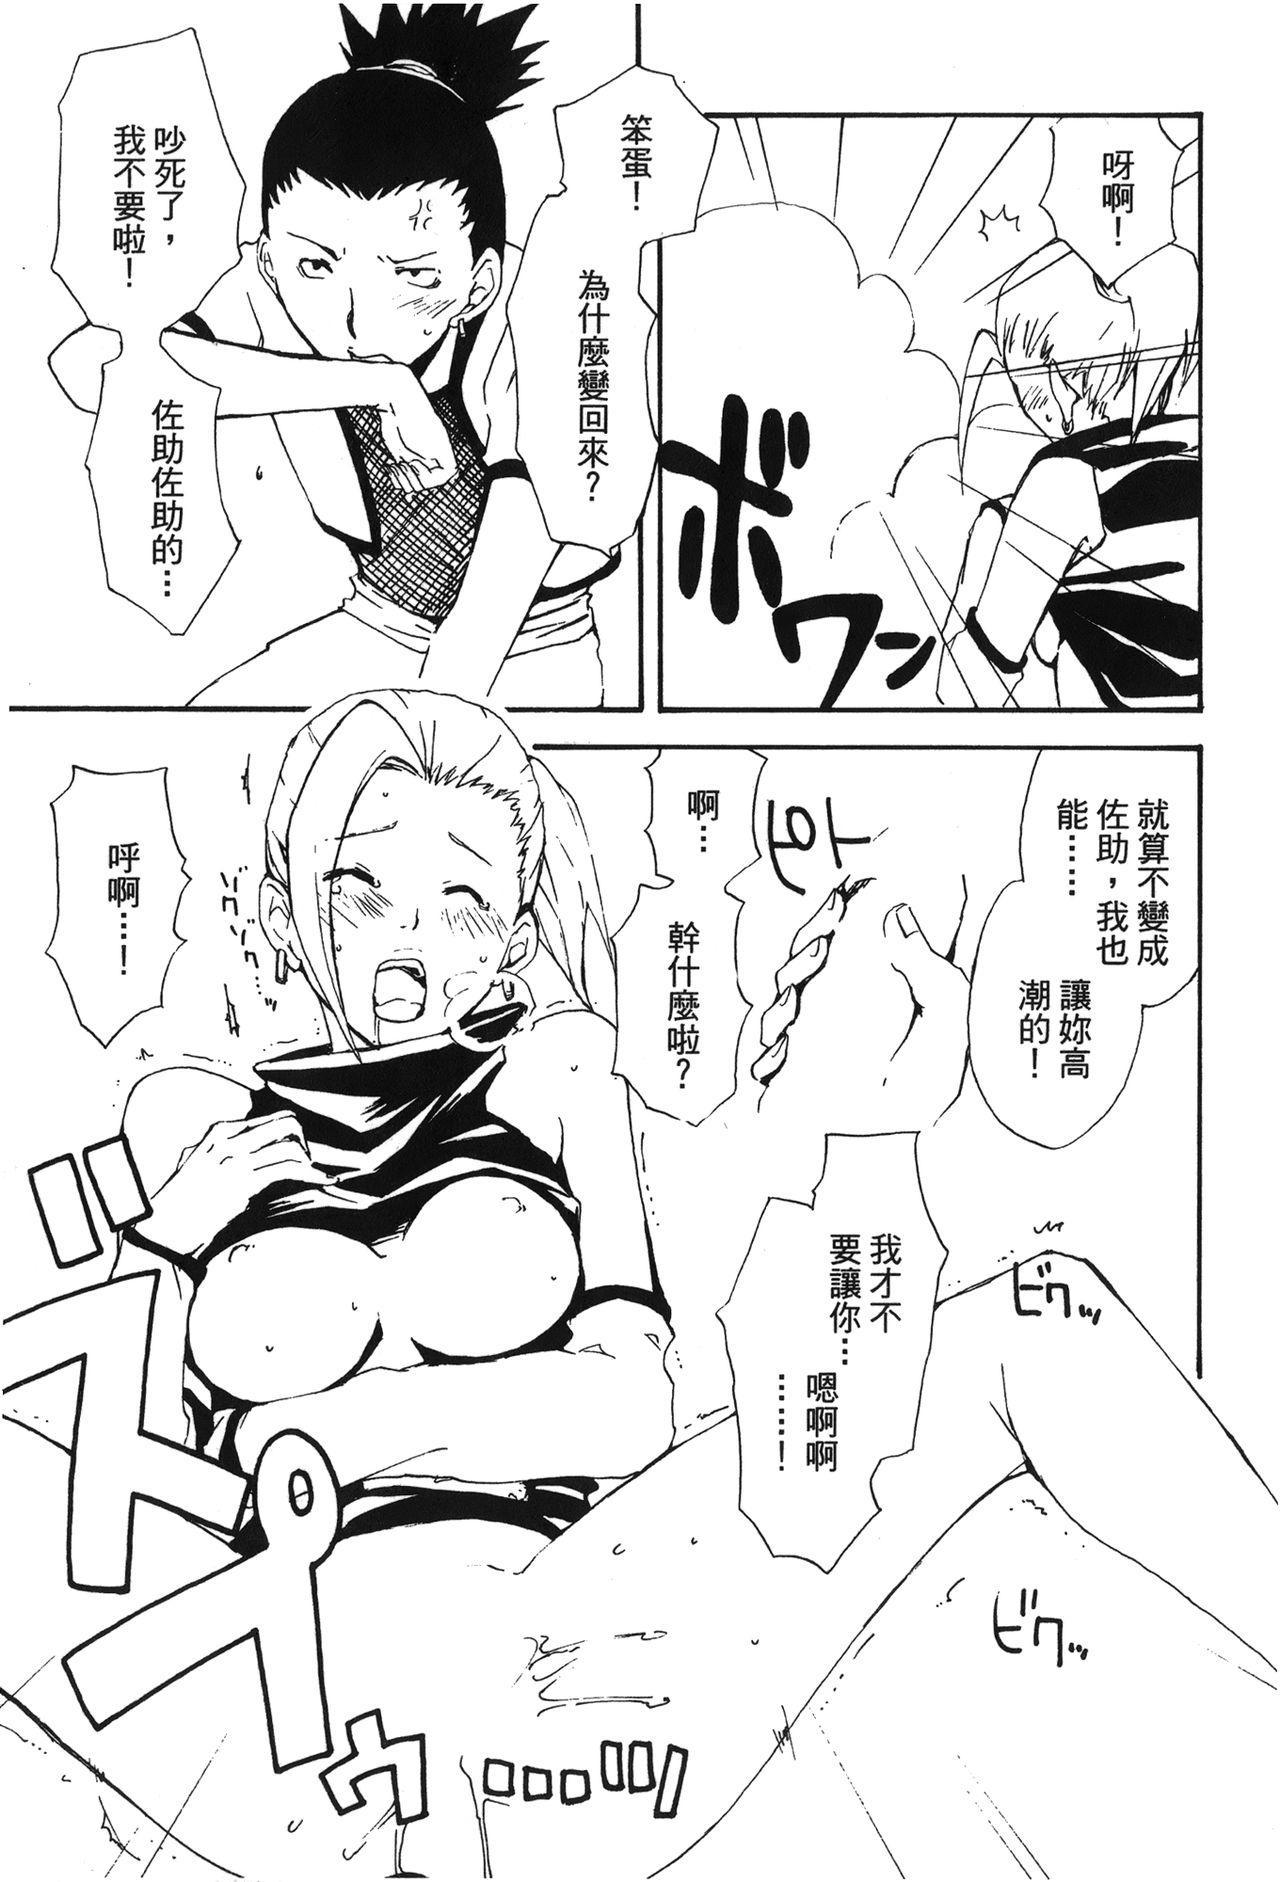 naruto ninja biography vol.02 55